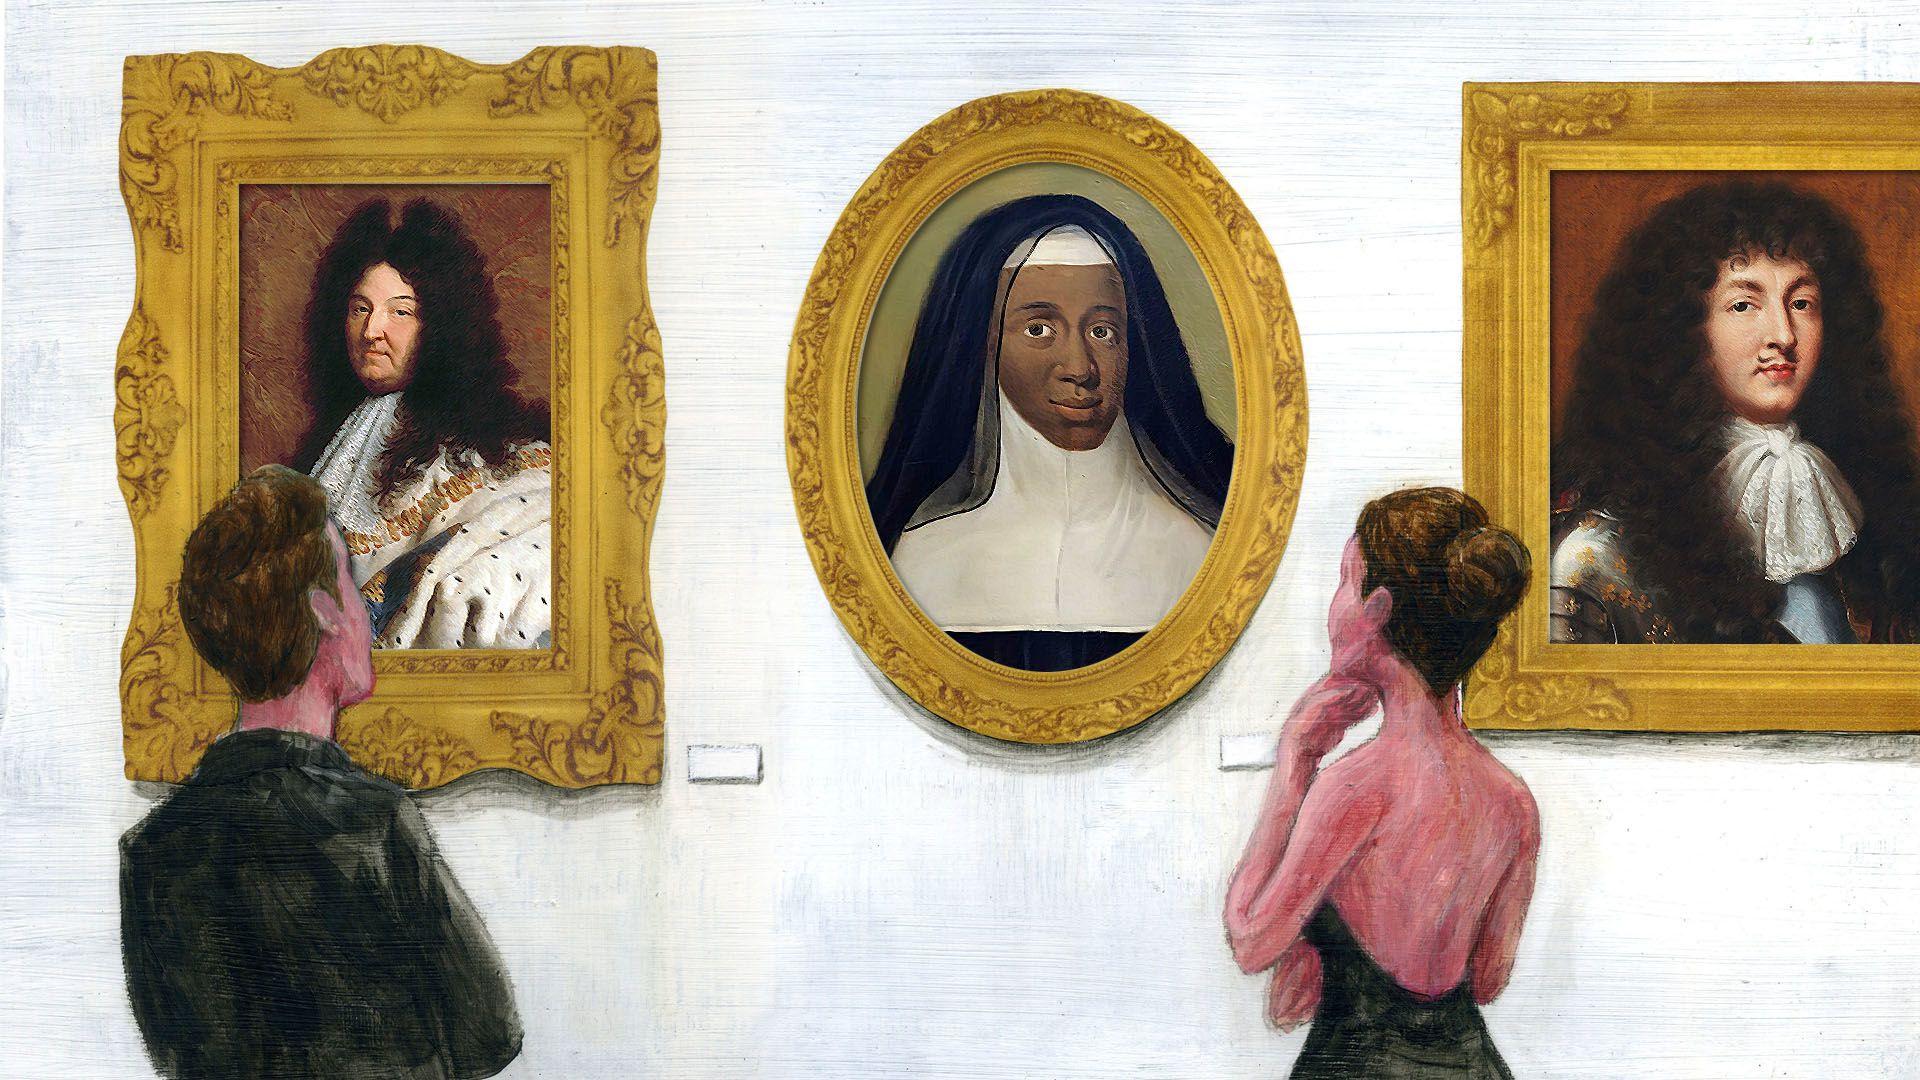 Fekete bőrű apáca lehetett XIV. Lajos eltitkolt lánya